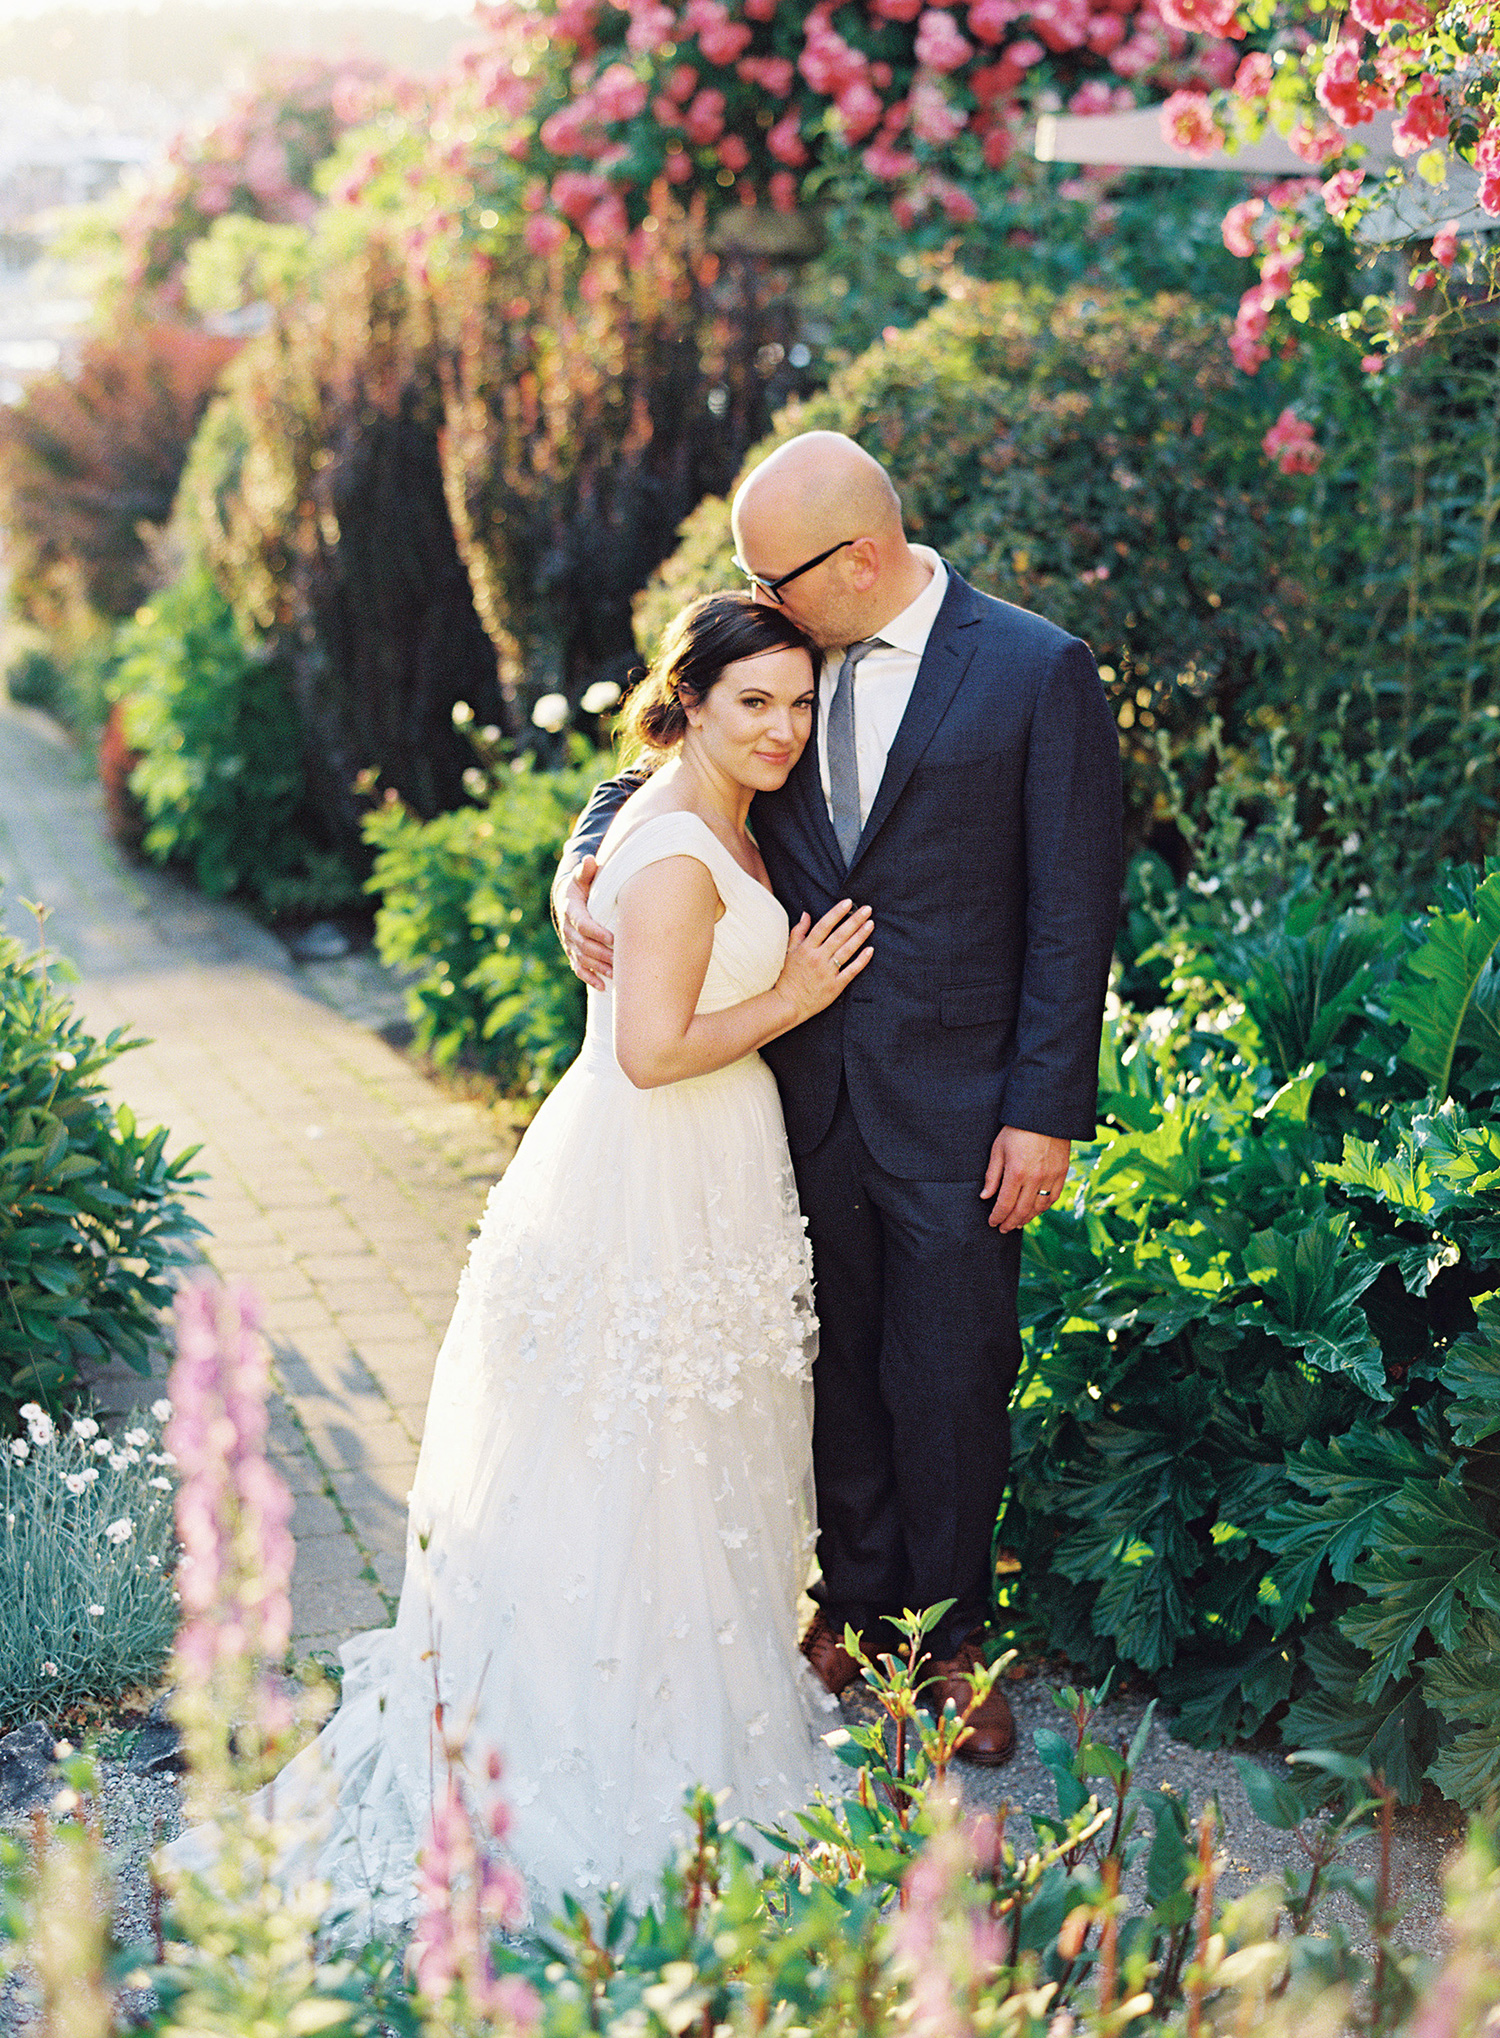 cassandra jason wedding couple on garden pathway